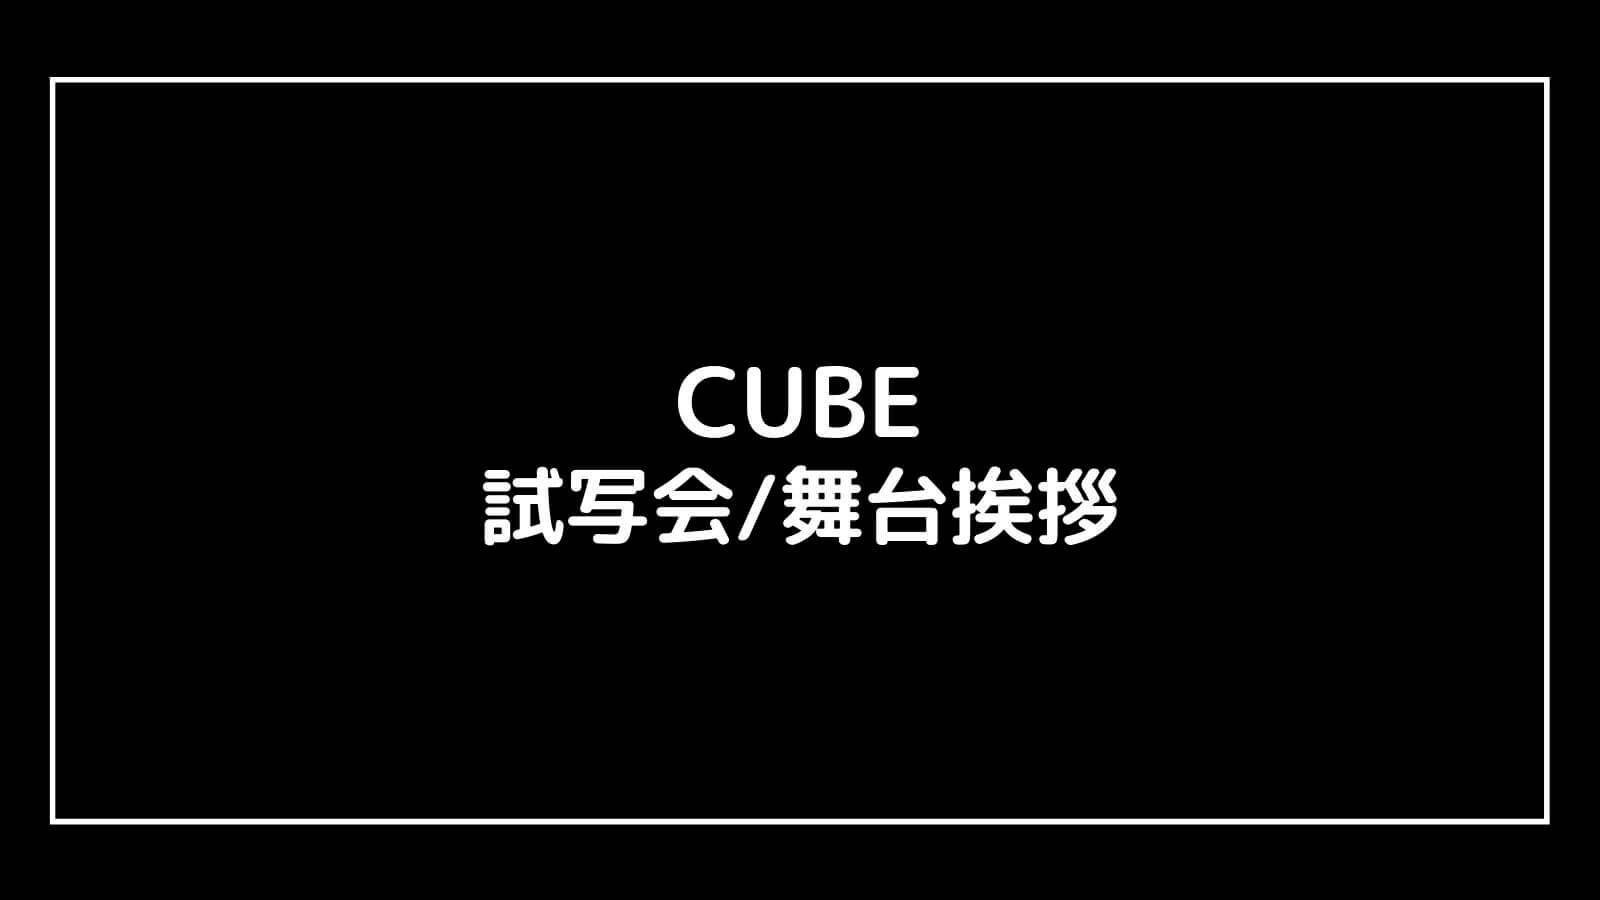 映画『CUBE キューブ』の試写会と舞台挨拶ライブビューイング情報